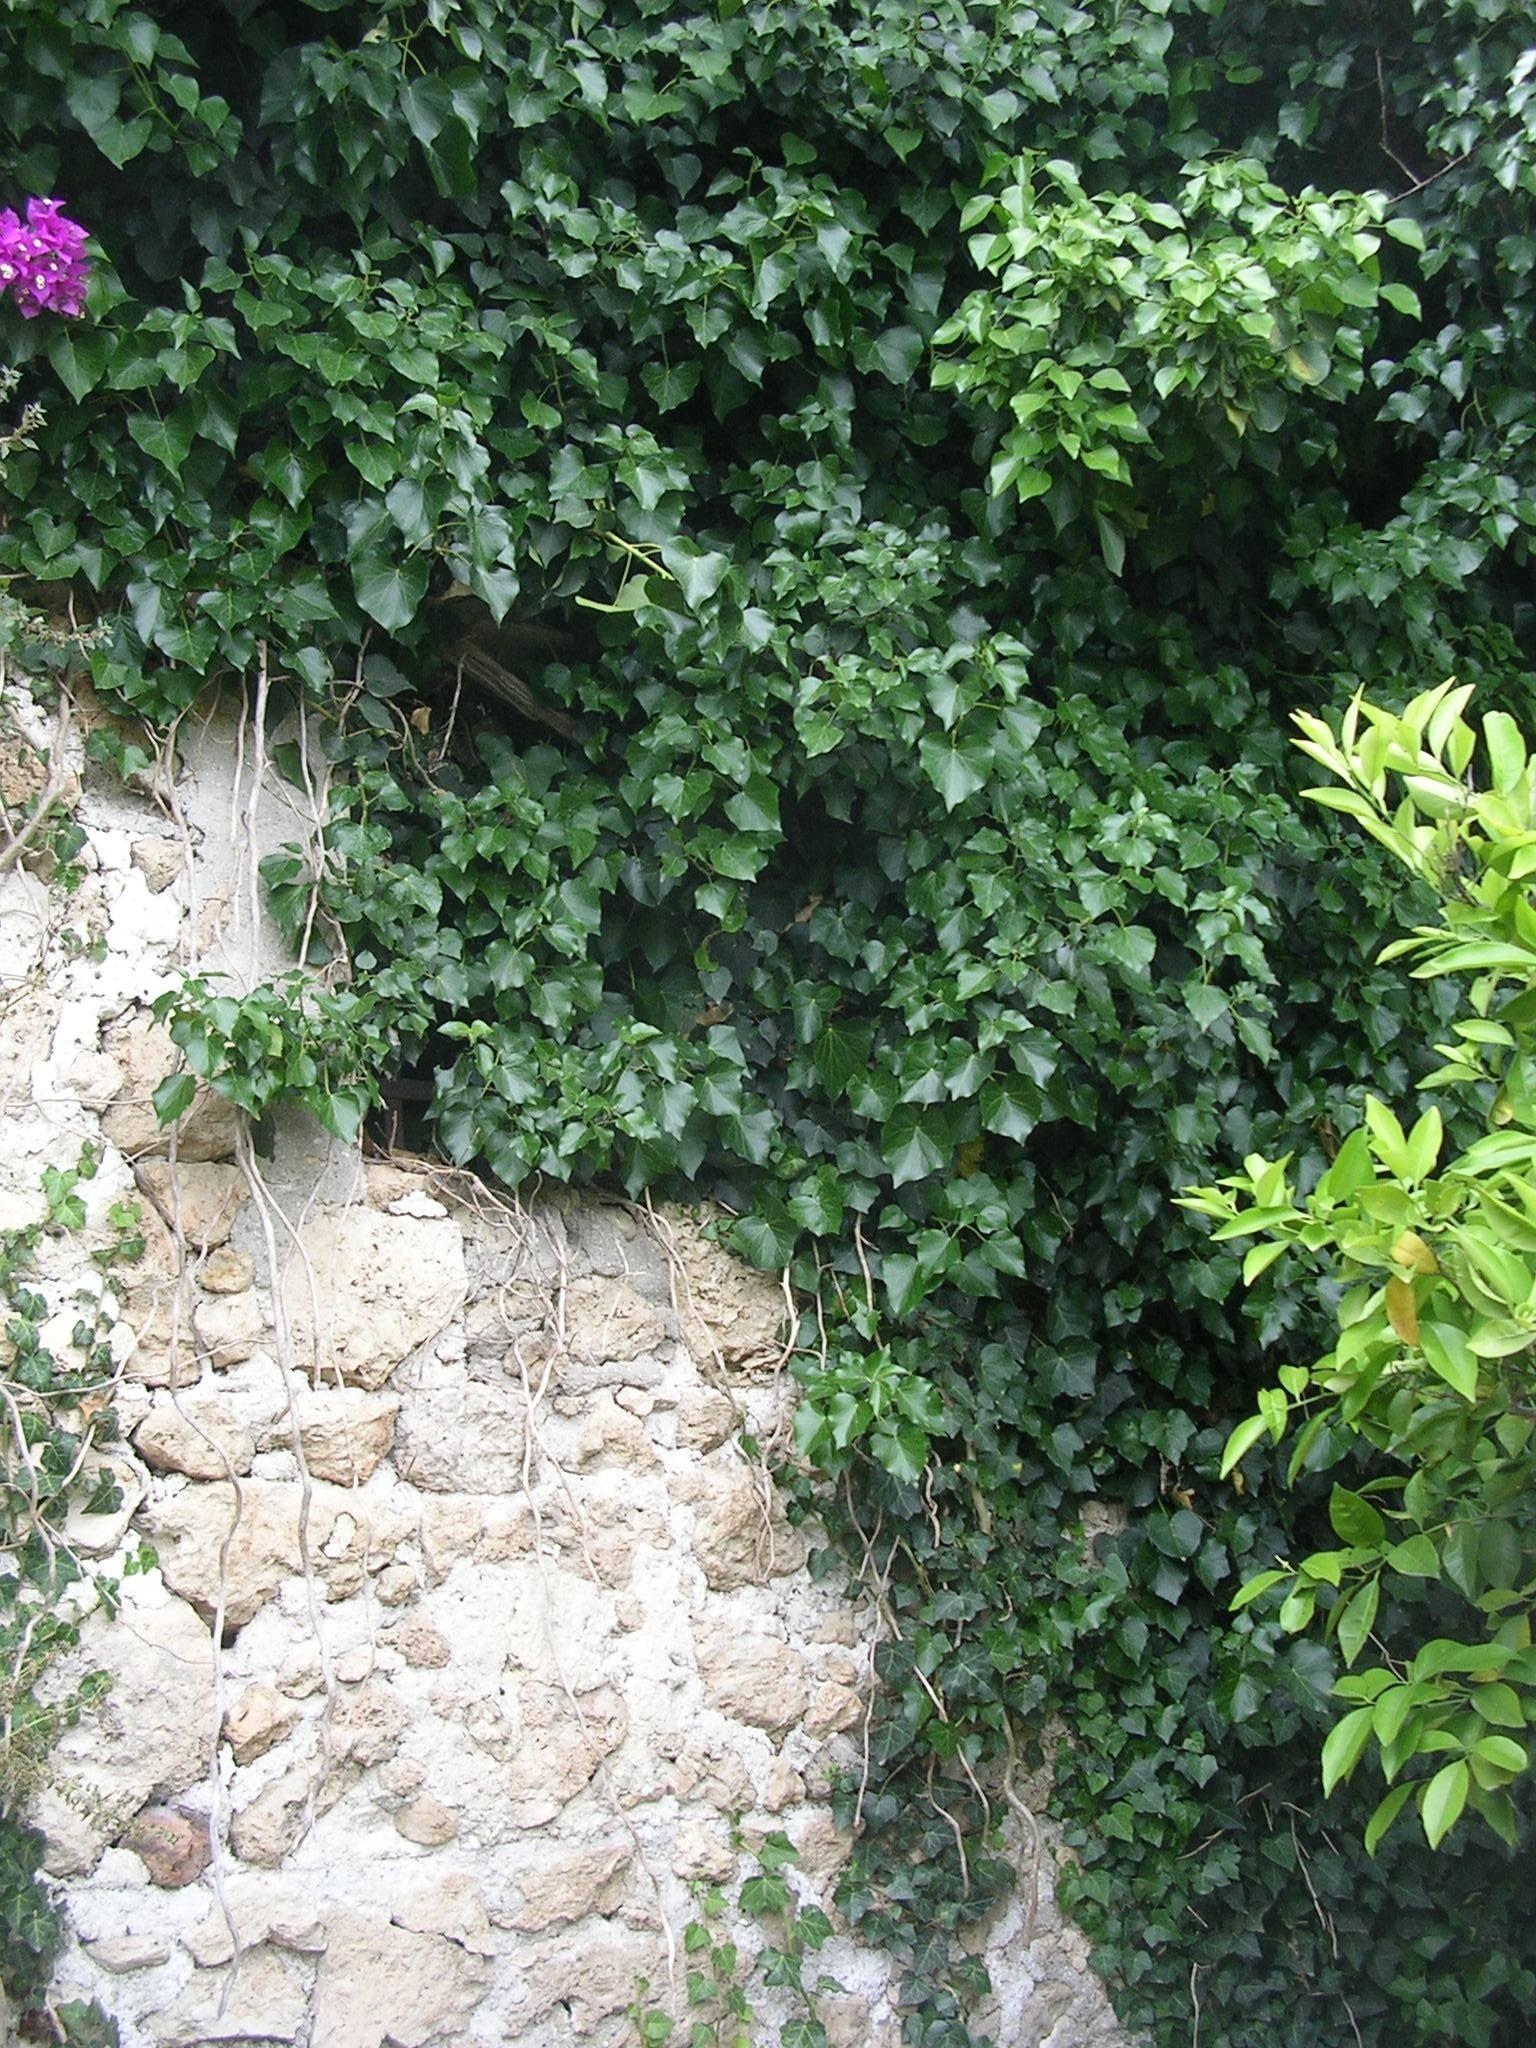 Edera rampicante - Piante in Giardino - Caratteristiche dell'edera rampicante